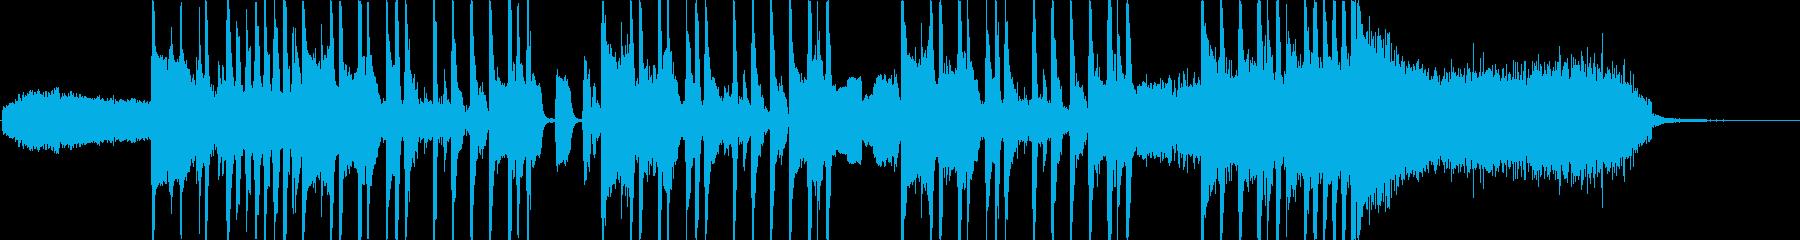 CMや場面転換に合うファンキーサウンドの再生済みの波形